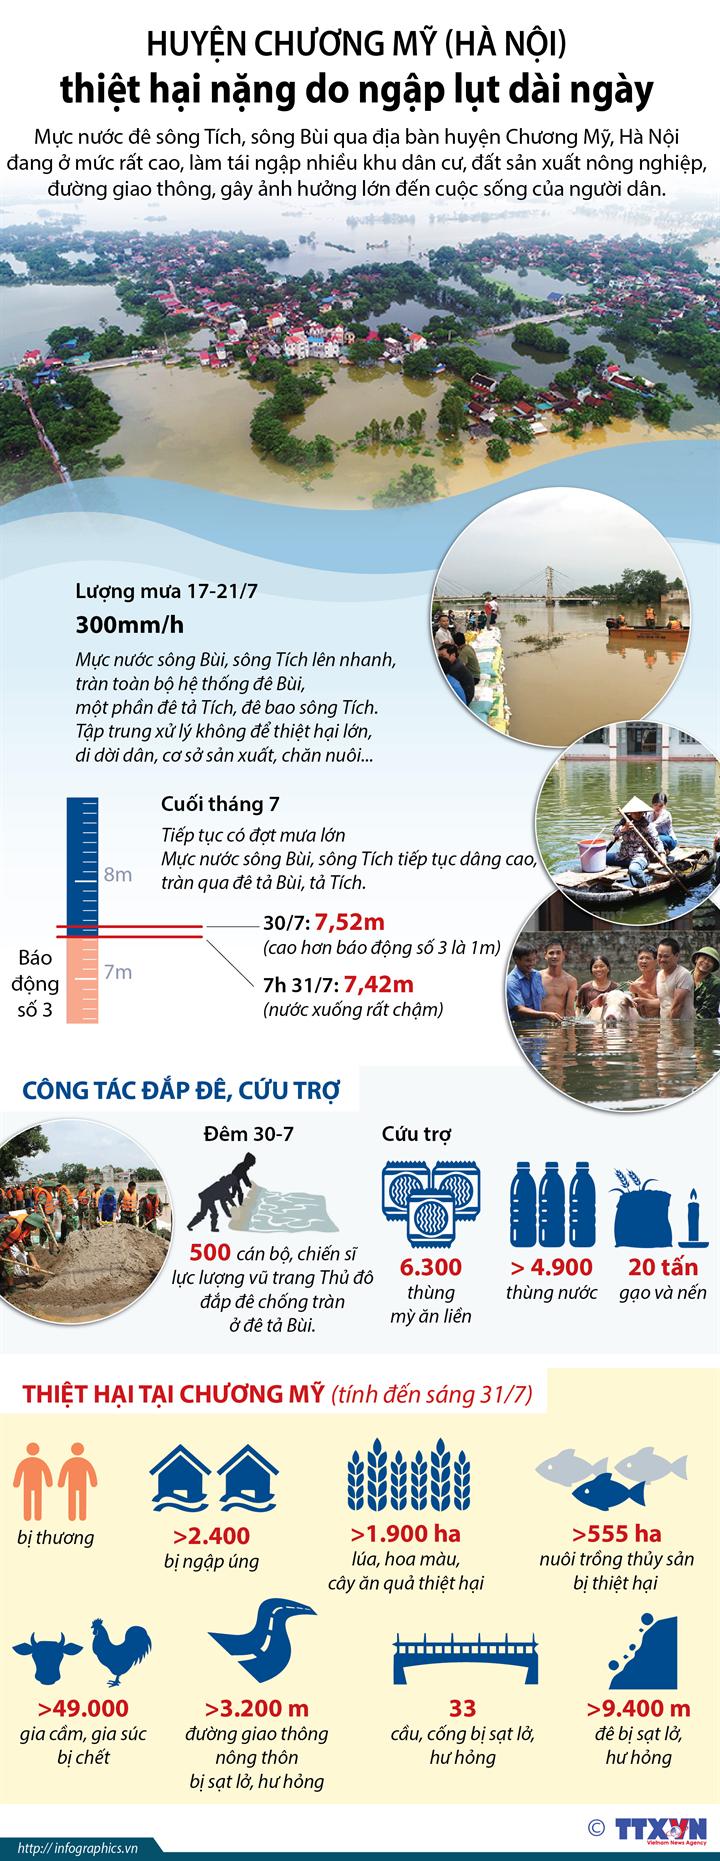 Huyện Chương Mỹ (Hà Nội) thiệt hại nặng do ngập lụt dài ngày